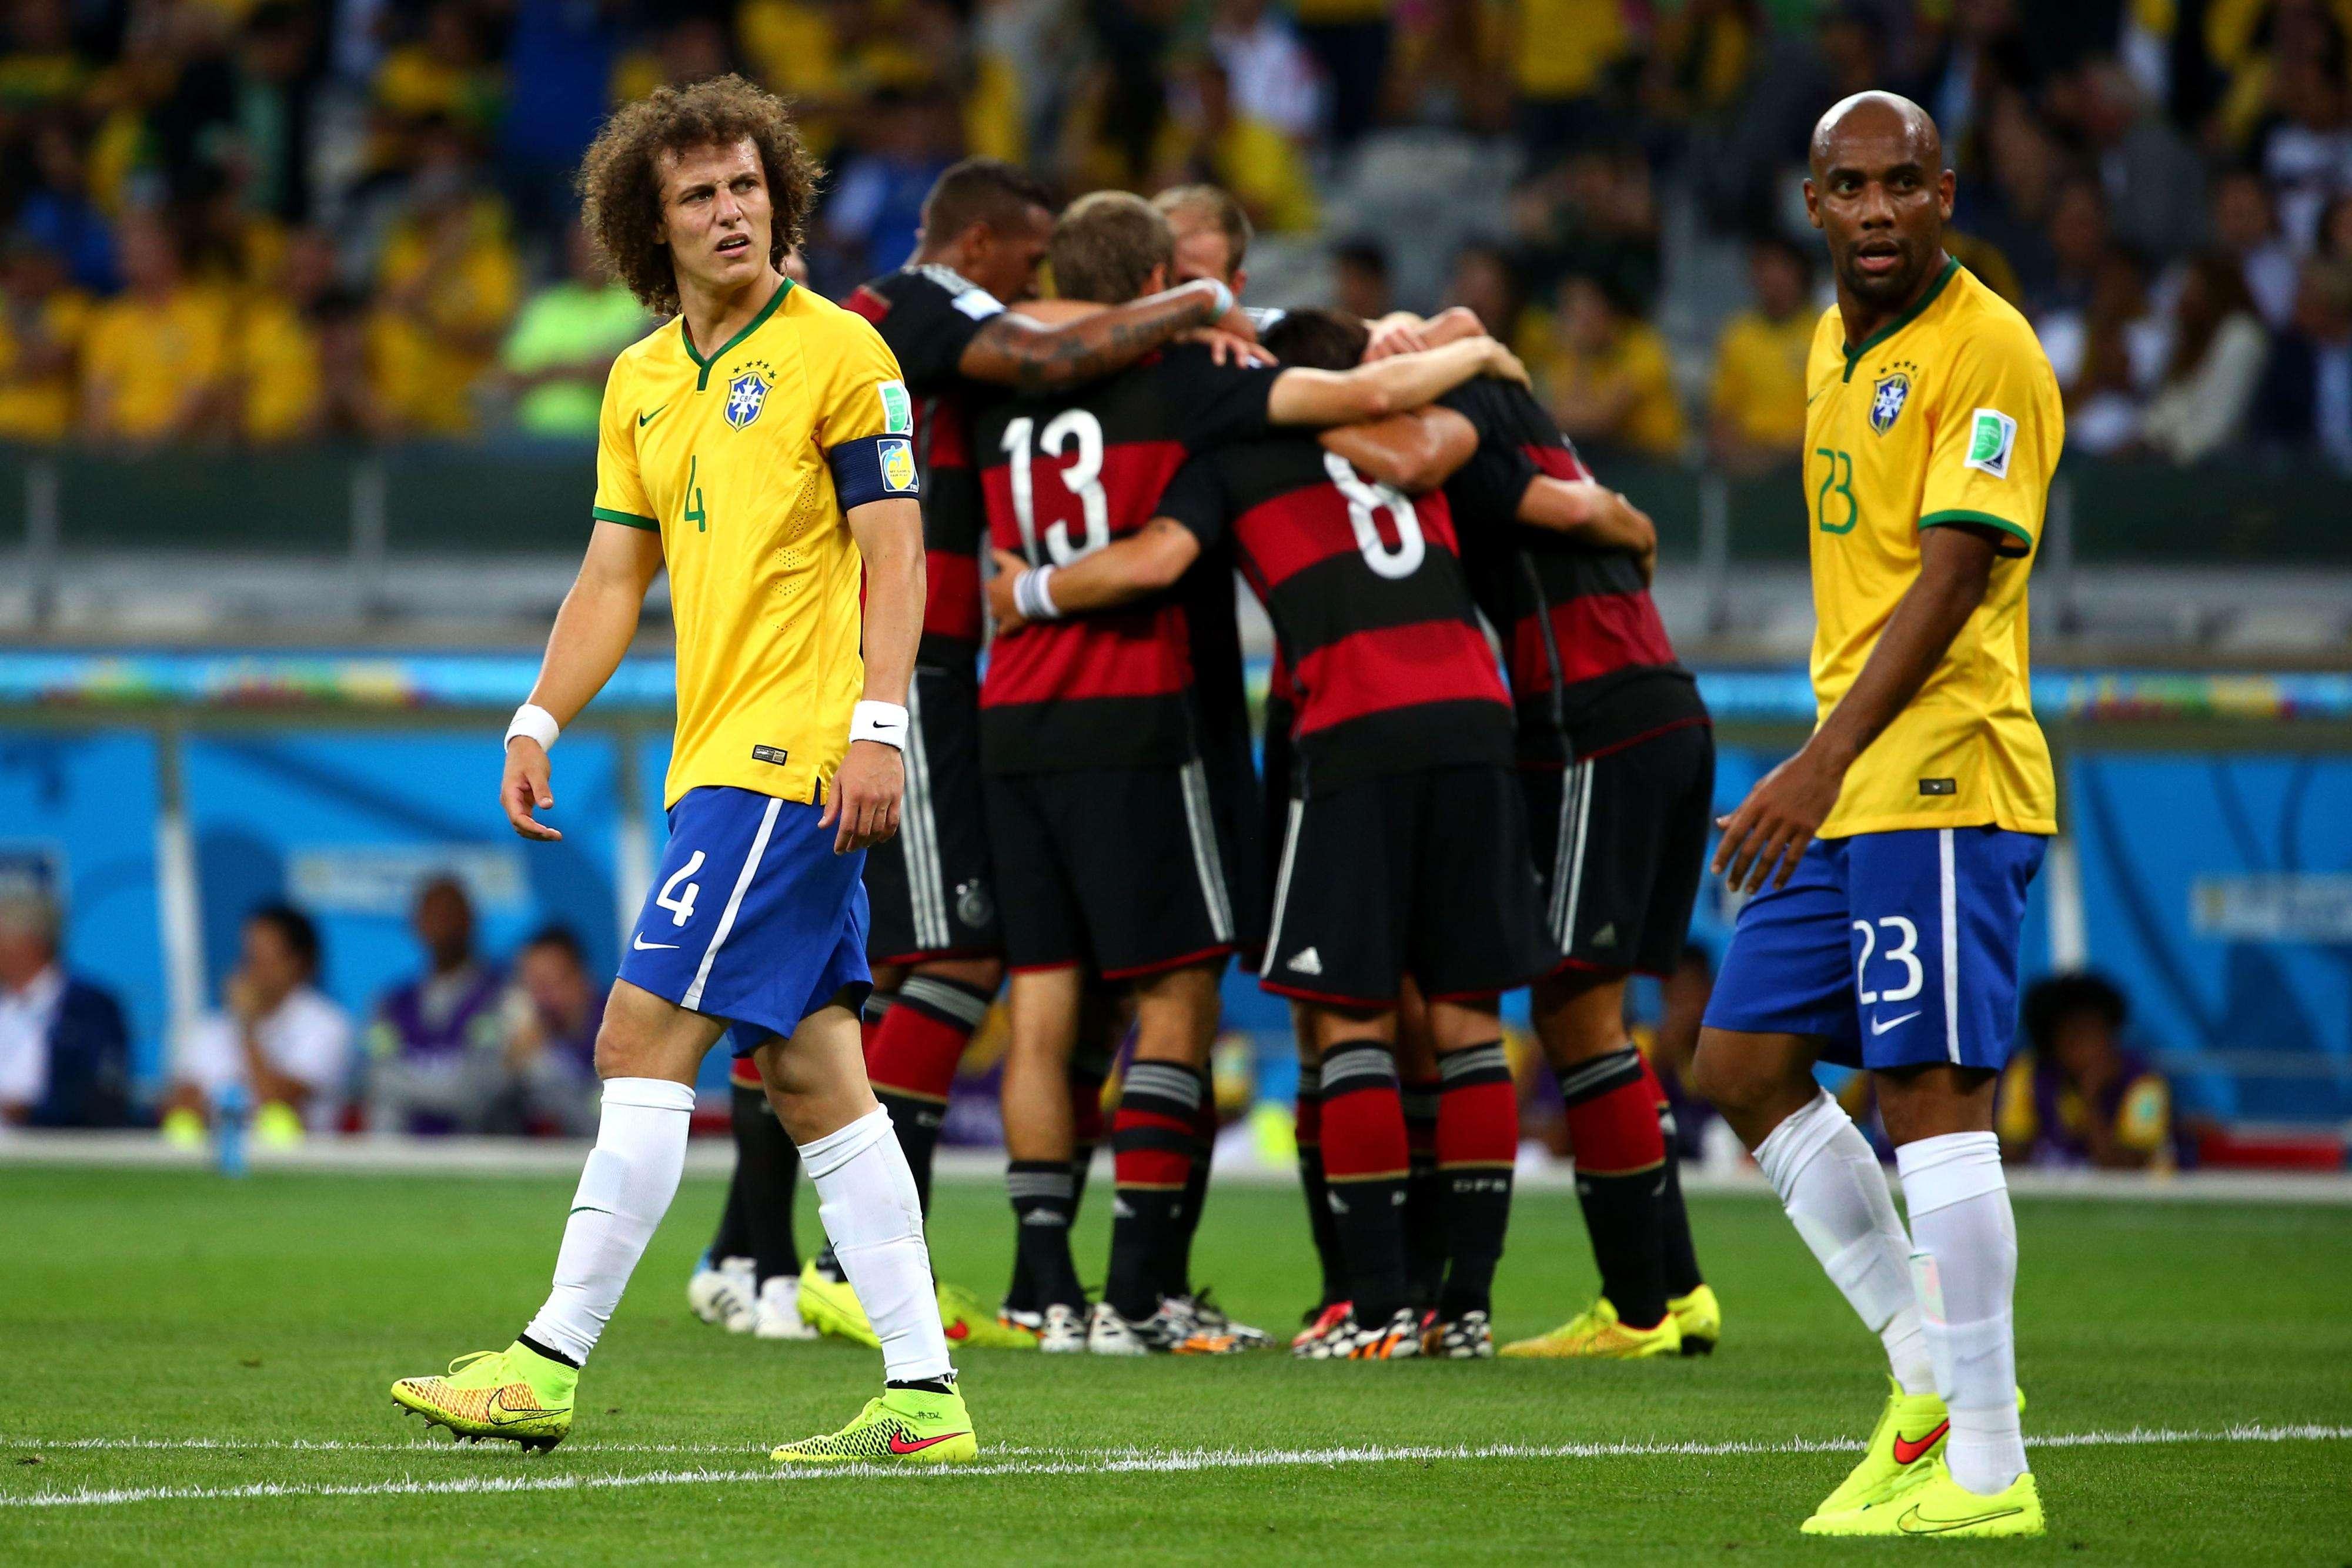 Copa de 2014 terminou com vexame imenso: goleada história por 7 a 1 para a Alemanha Foto: Robert Cianflone/Getty Images